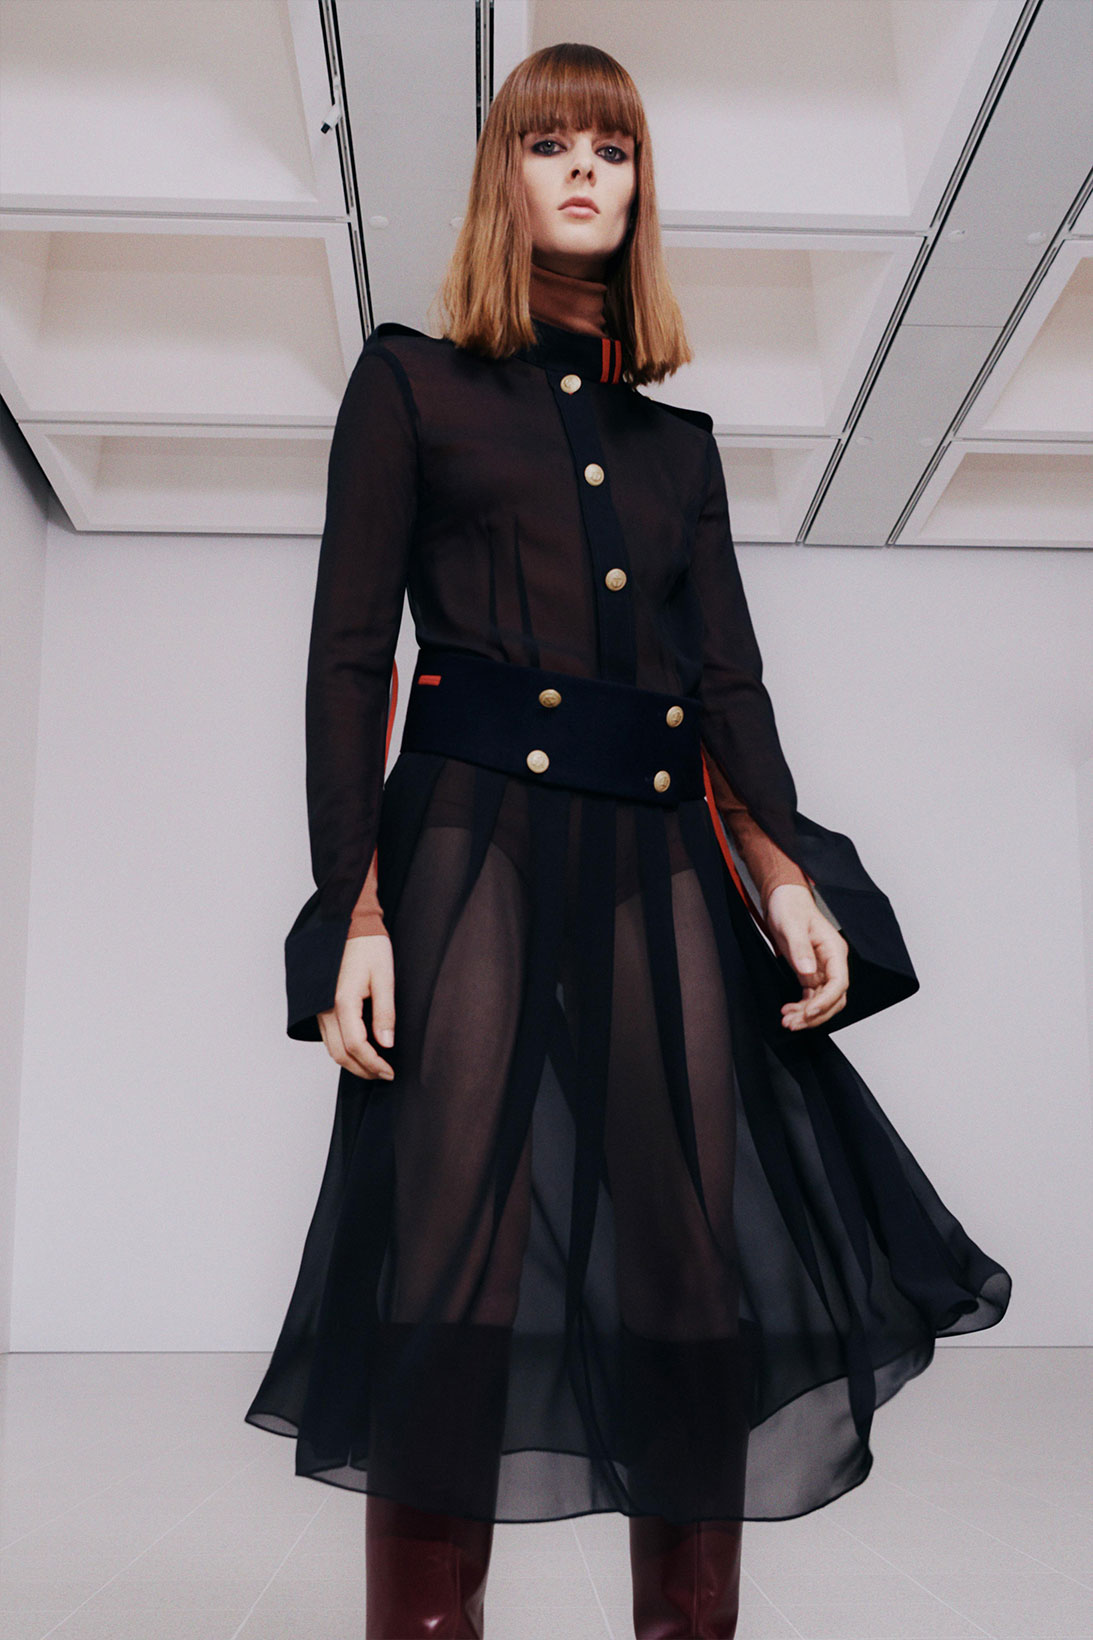 victoria beckham fall winter 2021 fw21 collection black chiffon dress skirt